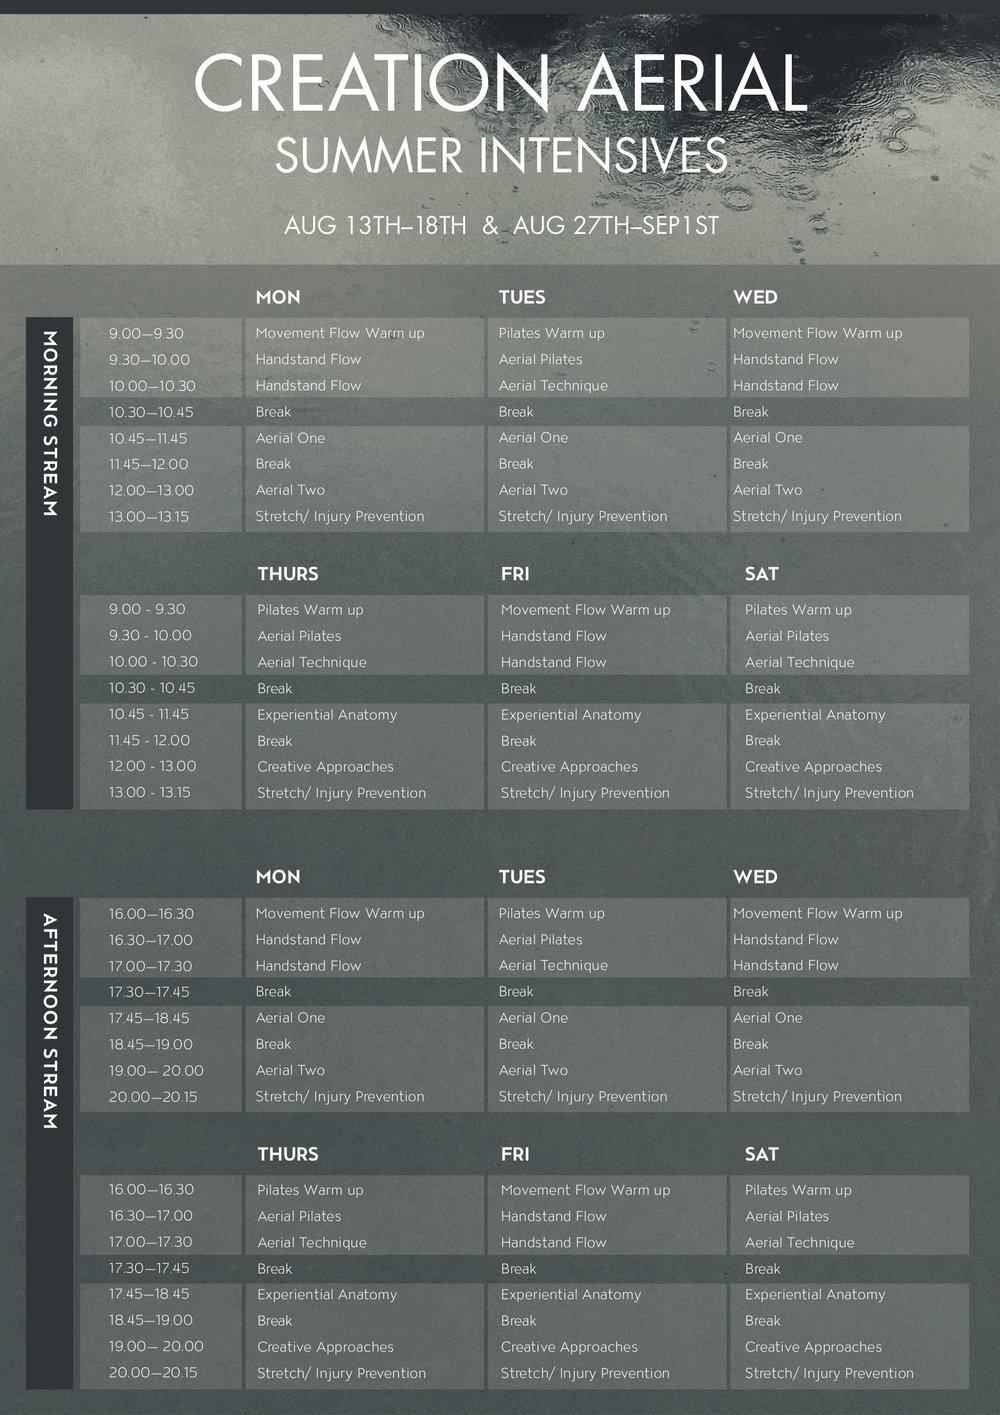 Summer Intensive Schedule